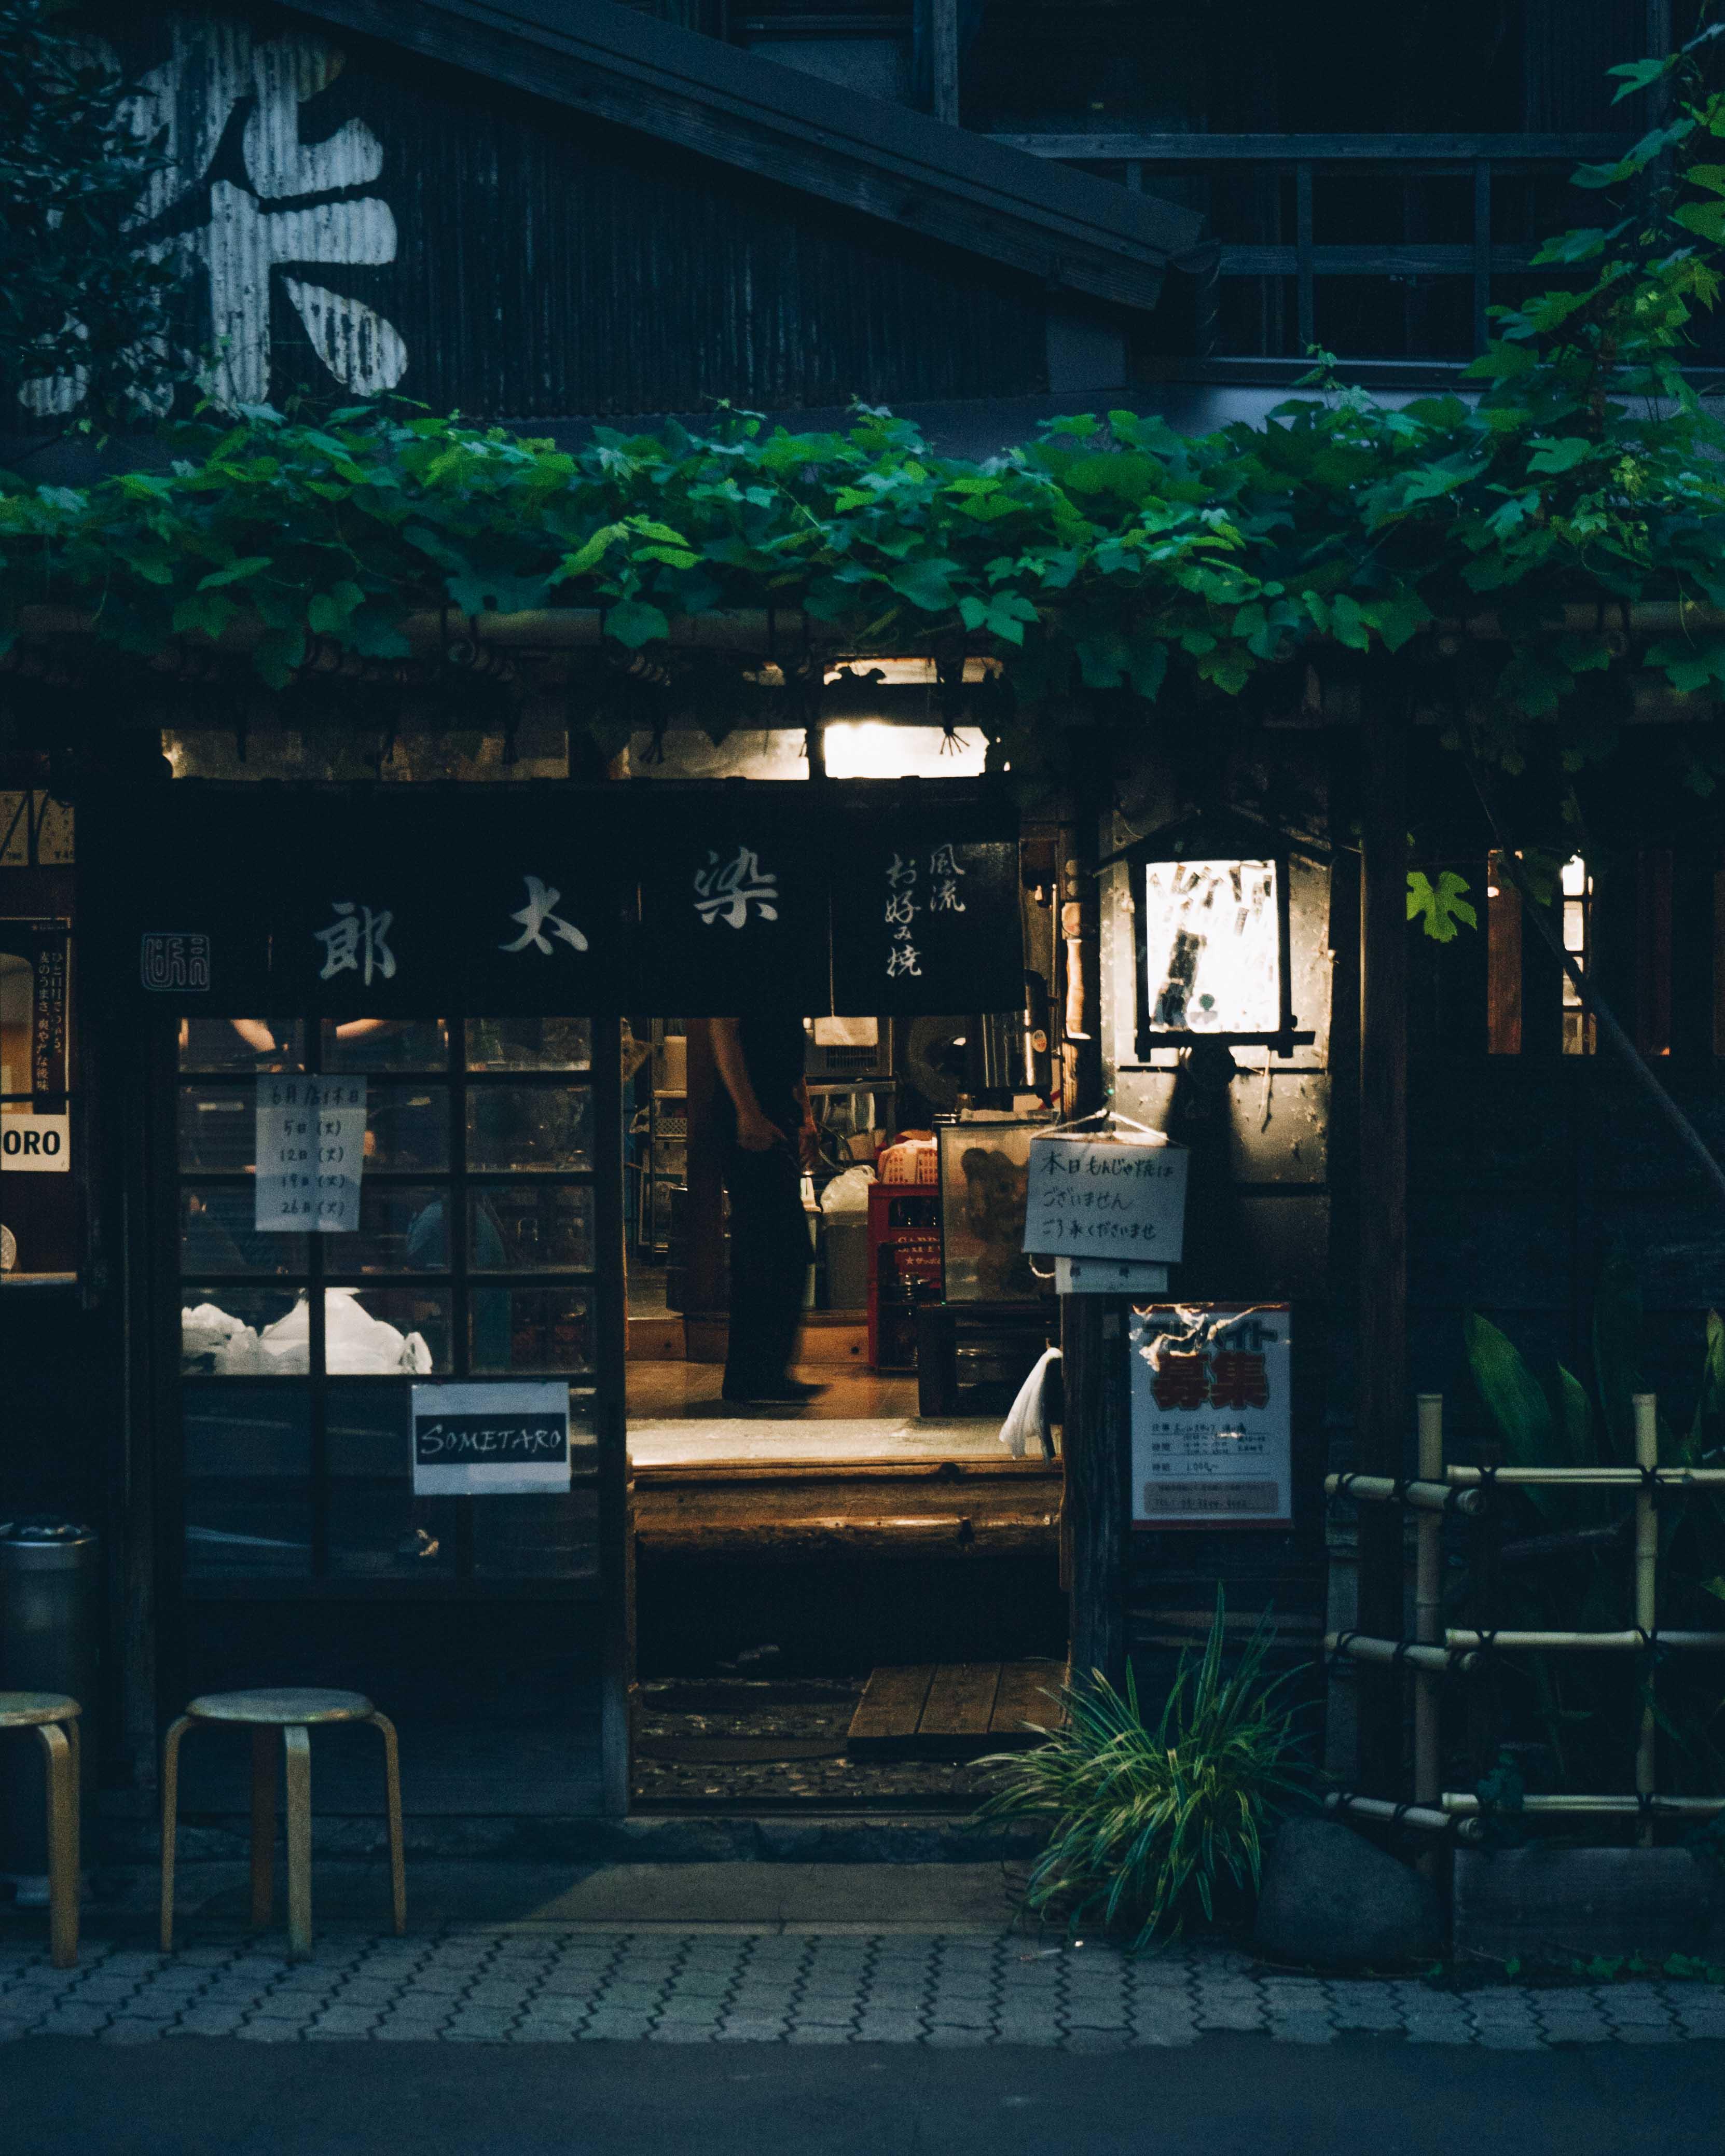 PINOSSA_TOKIO P6160287